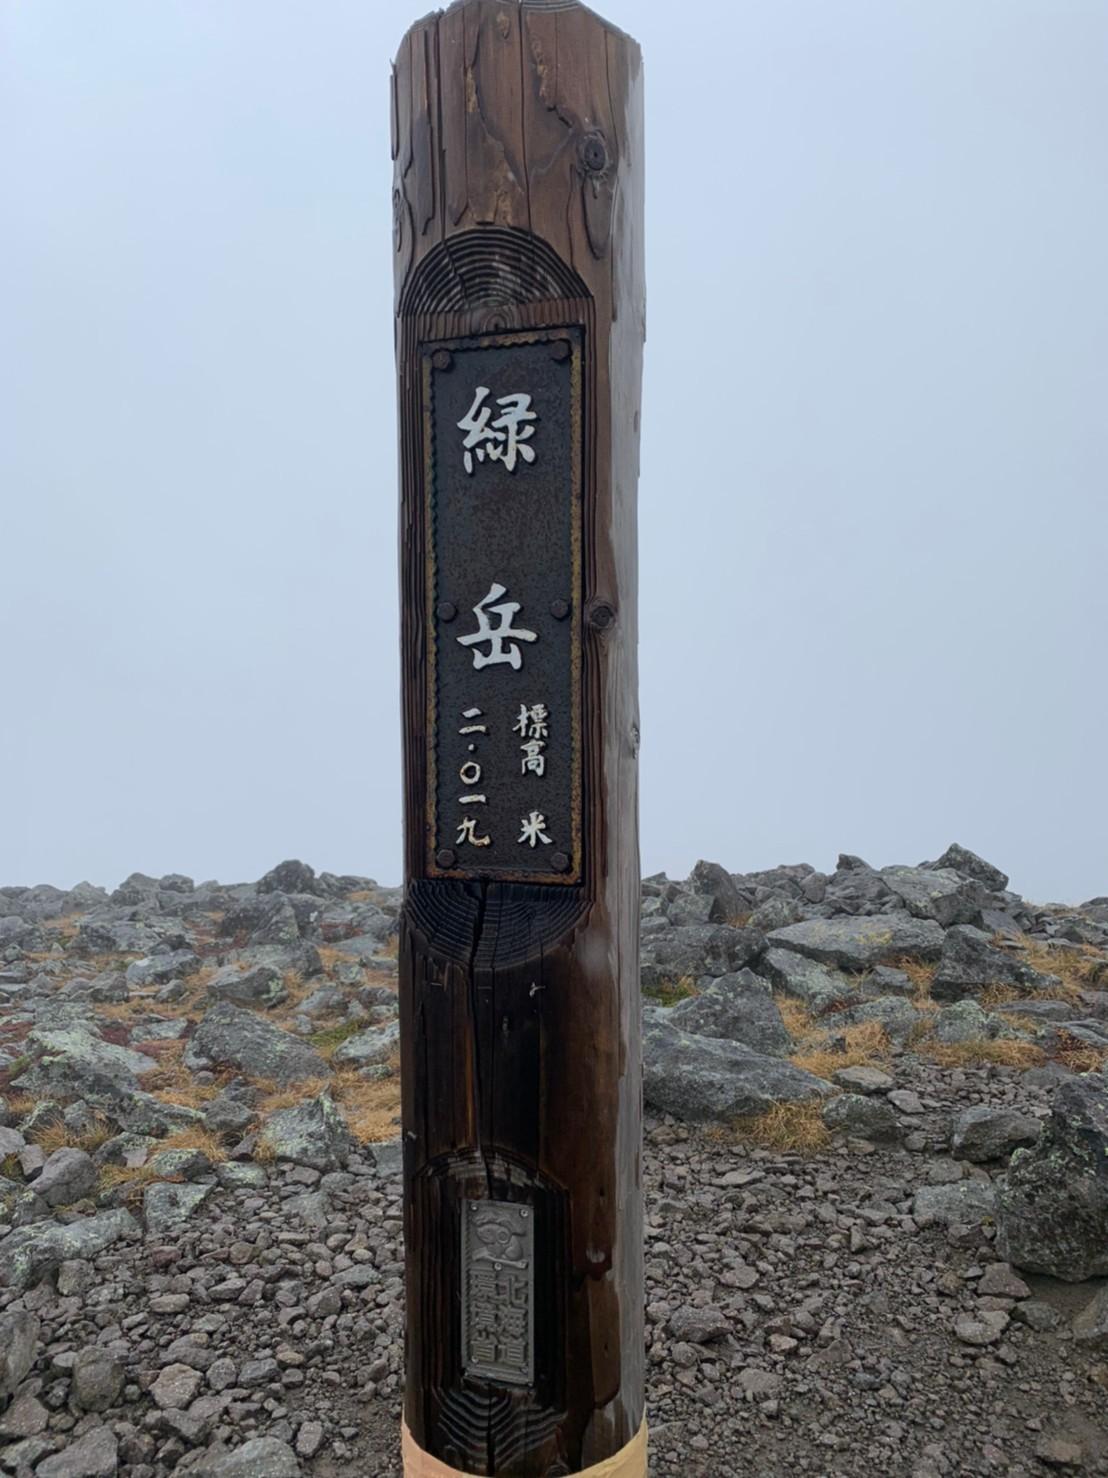 日本一早い紅葉を見に赤岳へ。奇跡のナッキーに会えました♪_d0198793_12504297.jpg